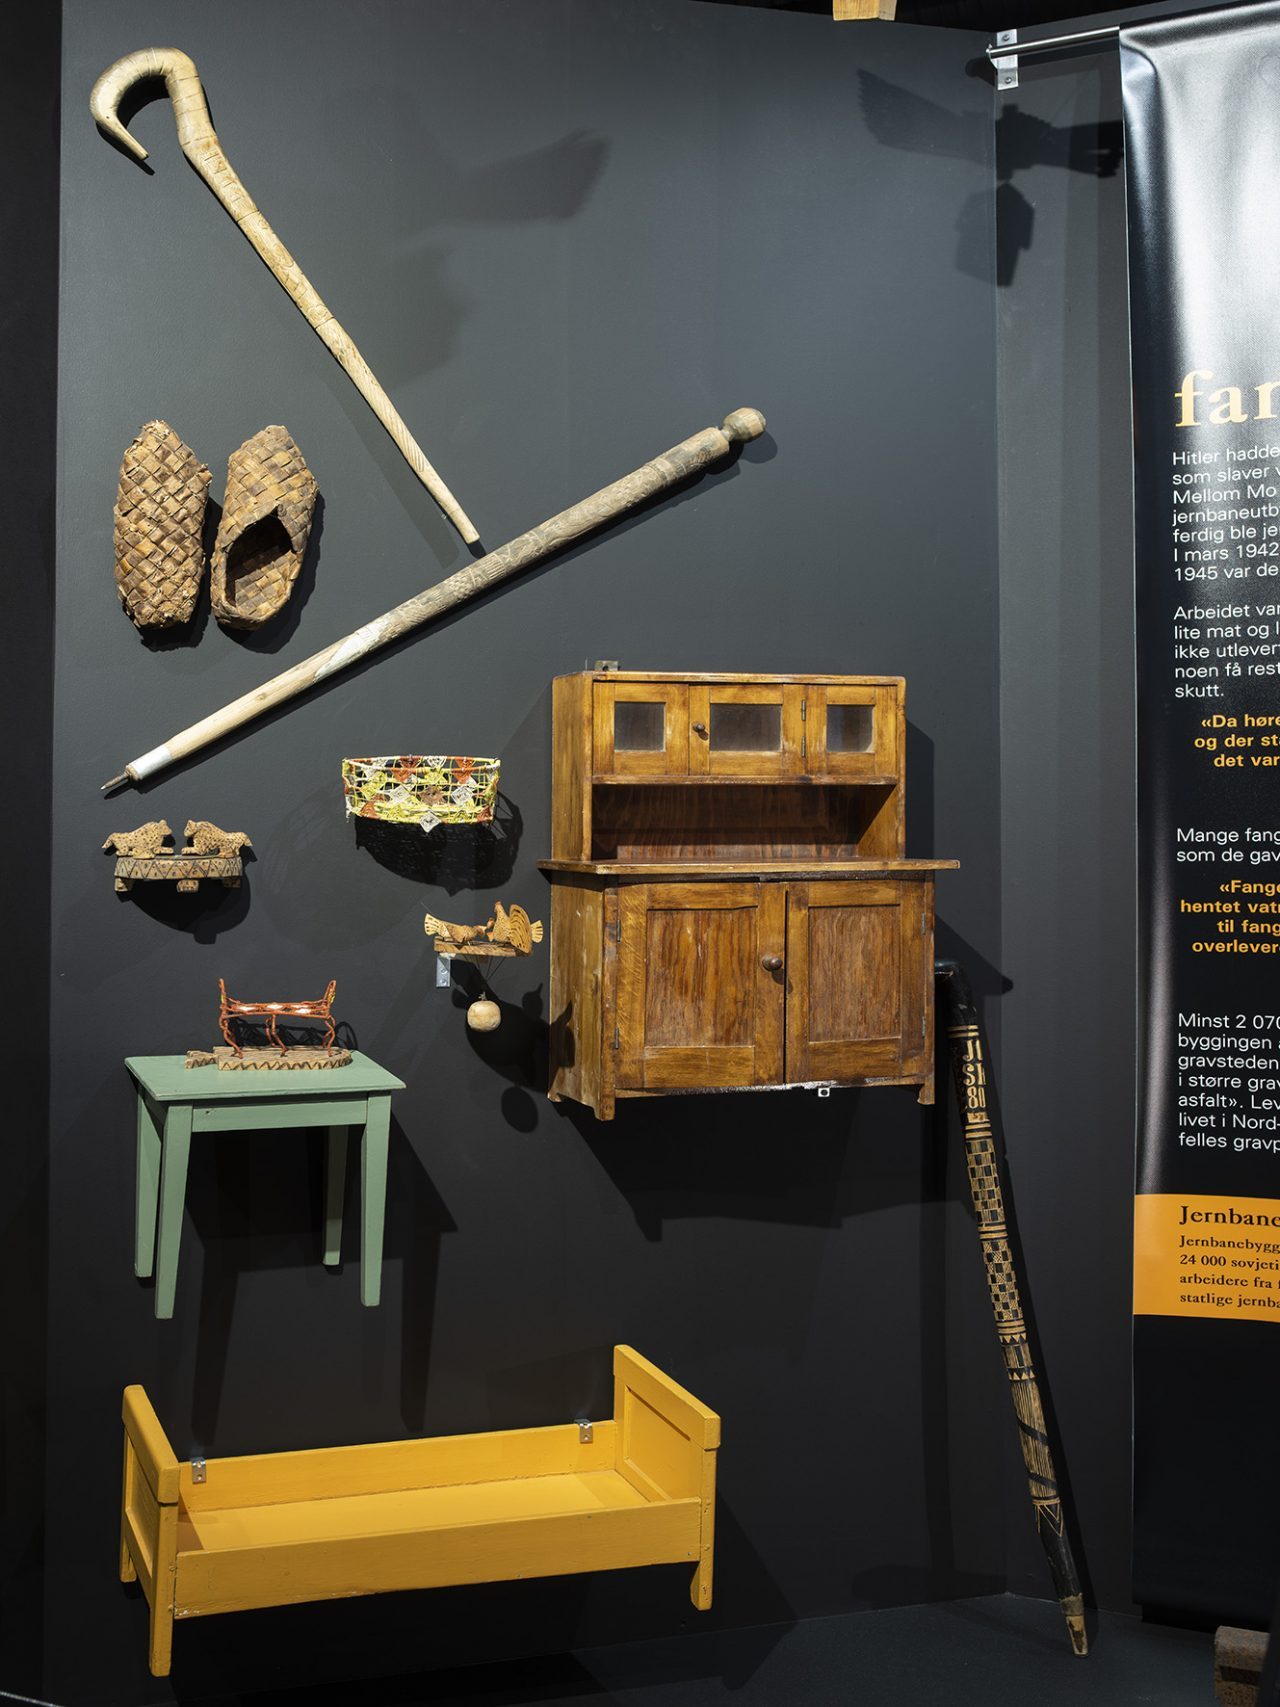 Diverse saker laget av fanger. Utstilling Rana museum